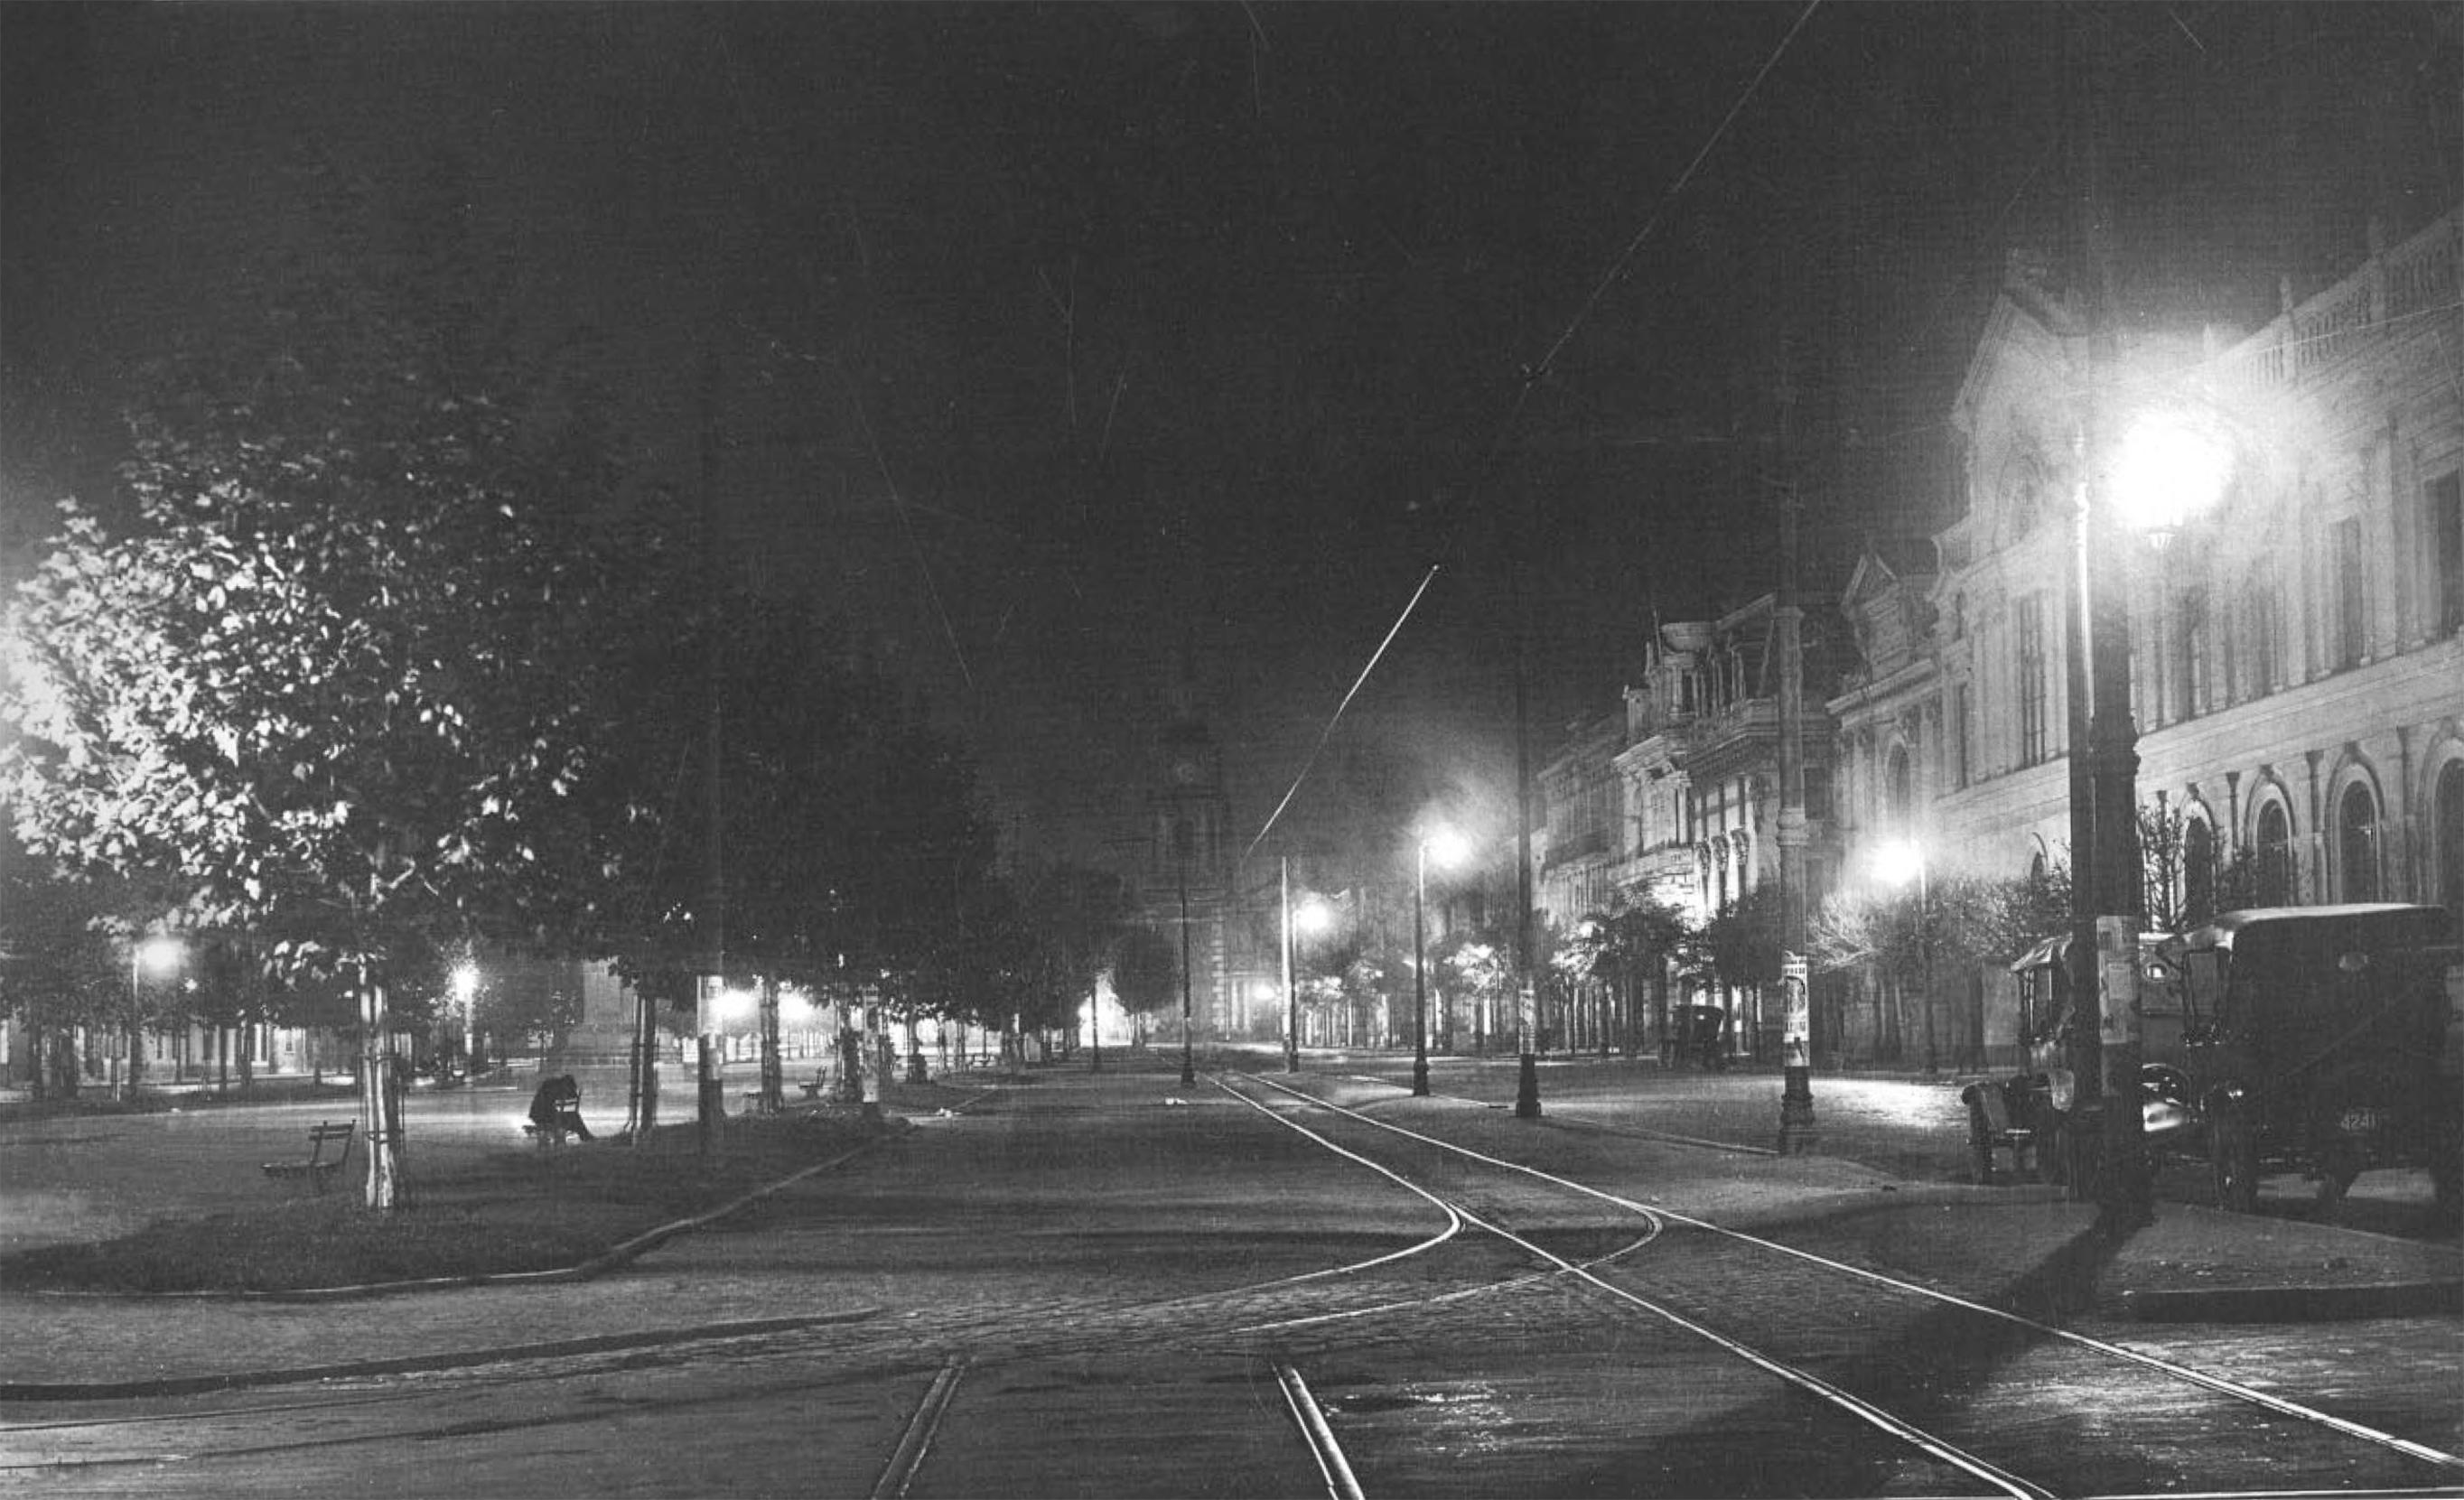 Enterreno - Fotos históricas de chile - fotos antiguas de Chile - Alameda con San Diego, con luminaria nueva en 1927